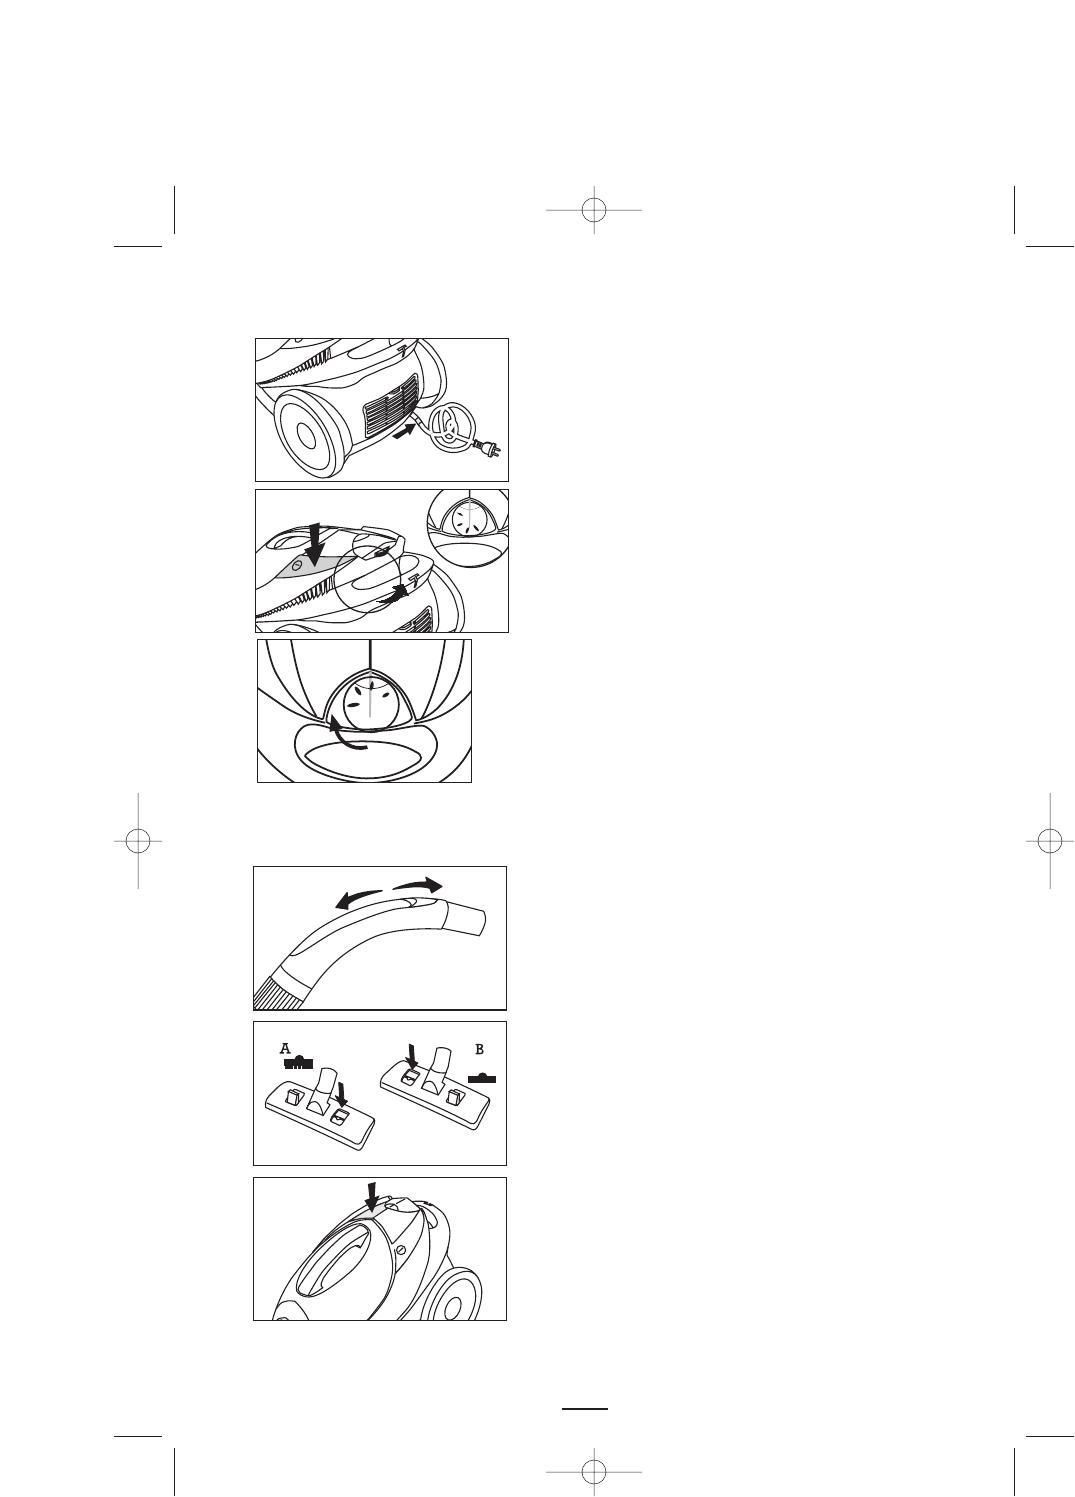 Fagor Vce 306 Manual Aspiradora Aspiradora